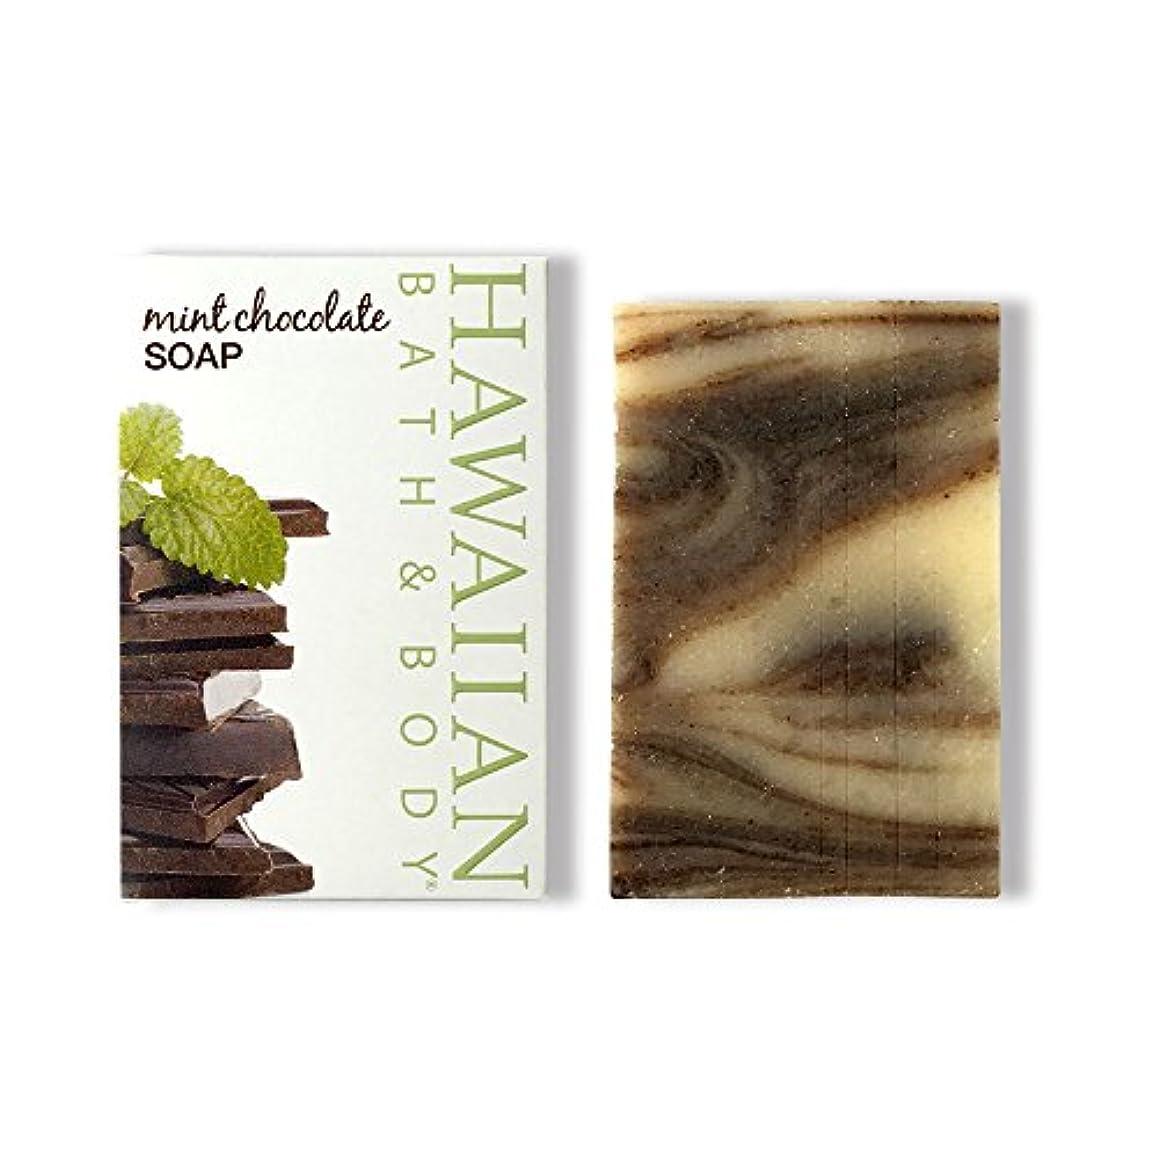 繰り返しエジプト人ジョイントハワイアンバス&ボディ ハワイアン?ミントチョコレートソープ ( Hawaii Mint Chocolate Soap )